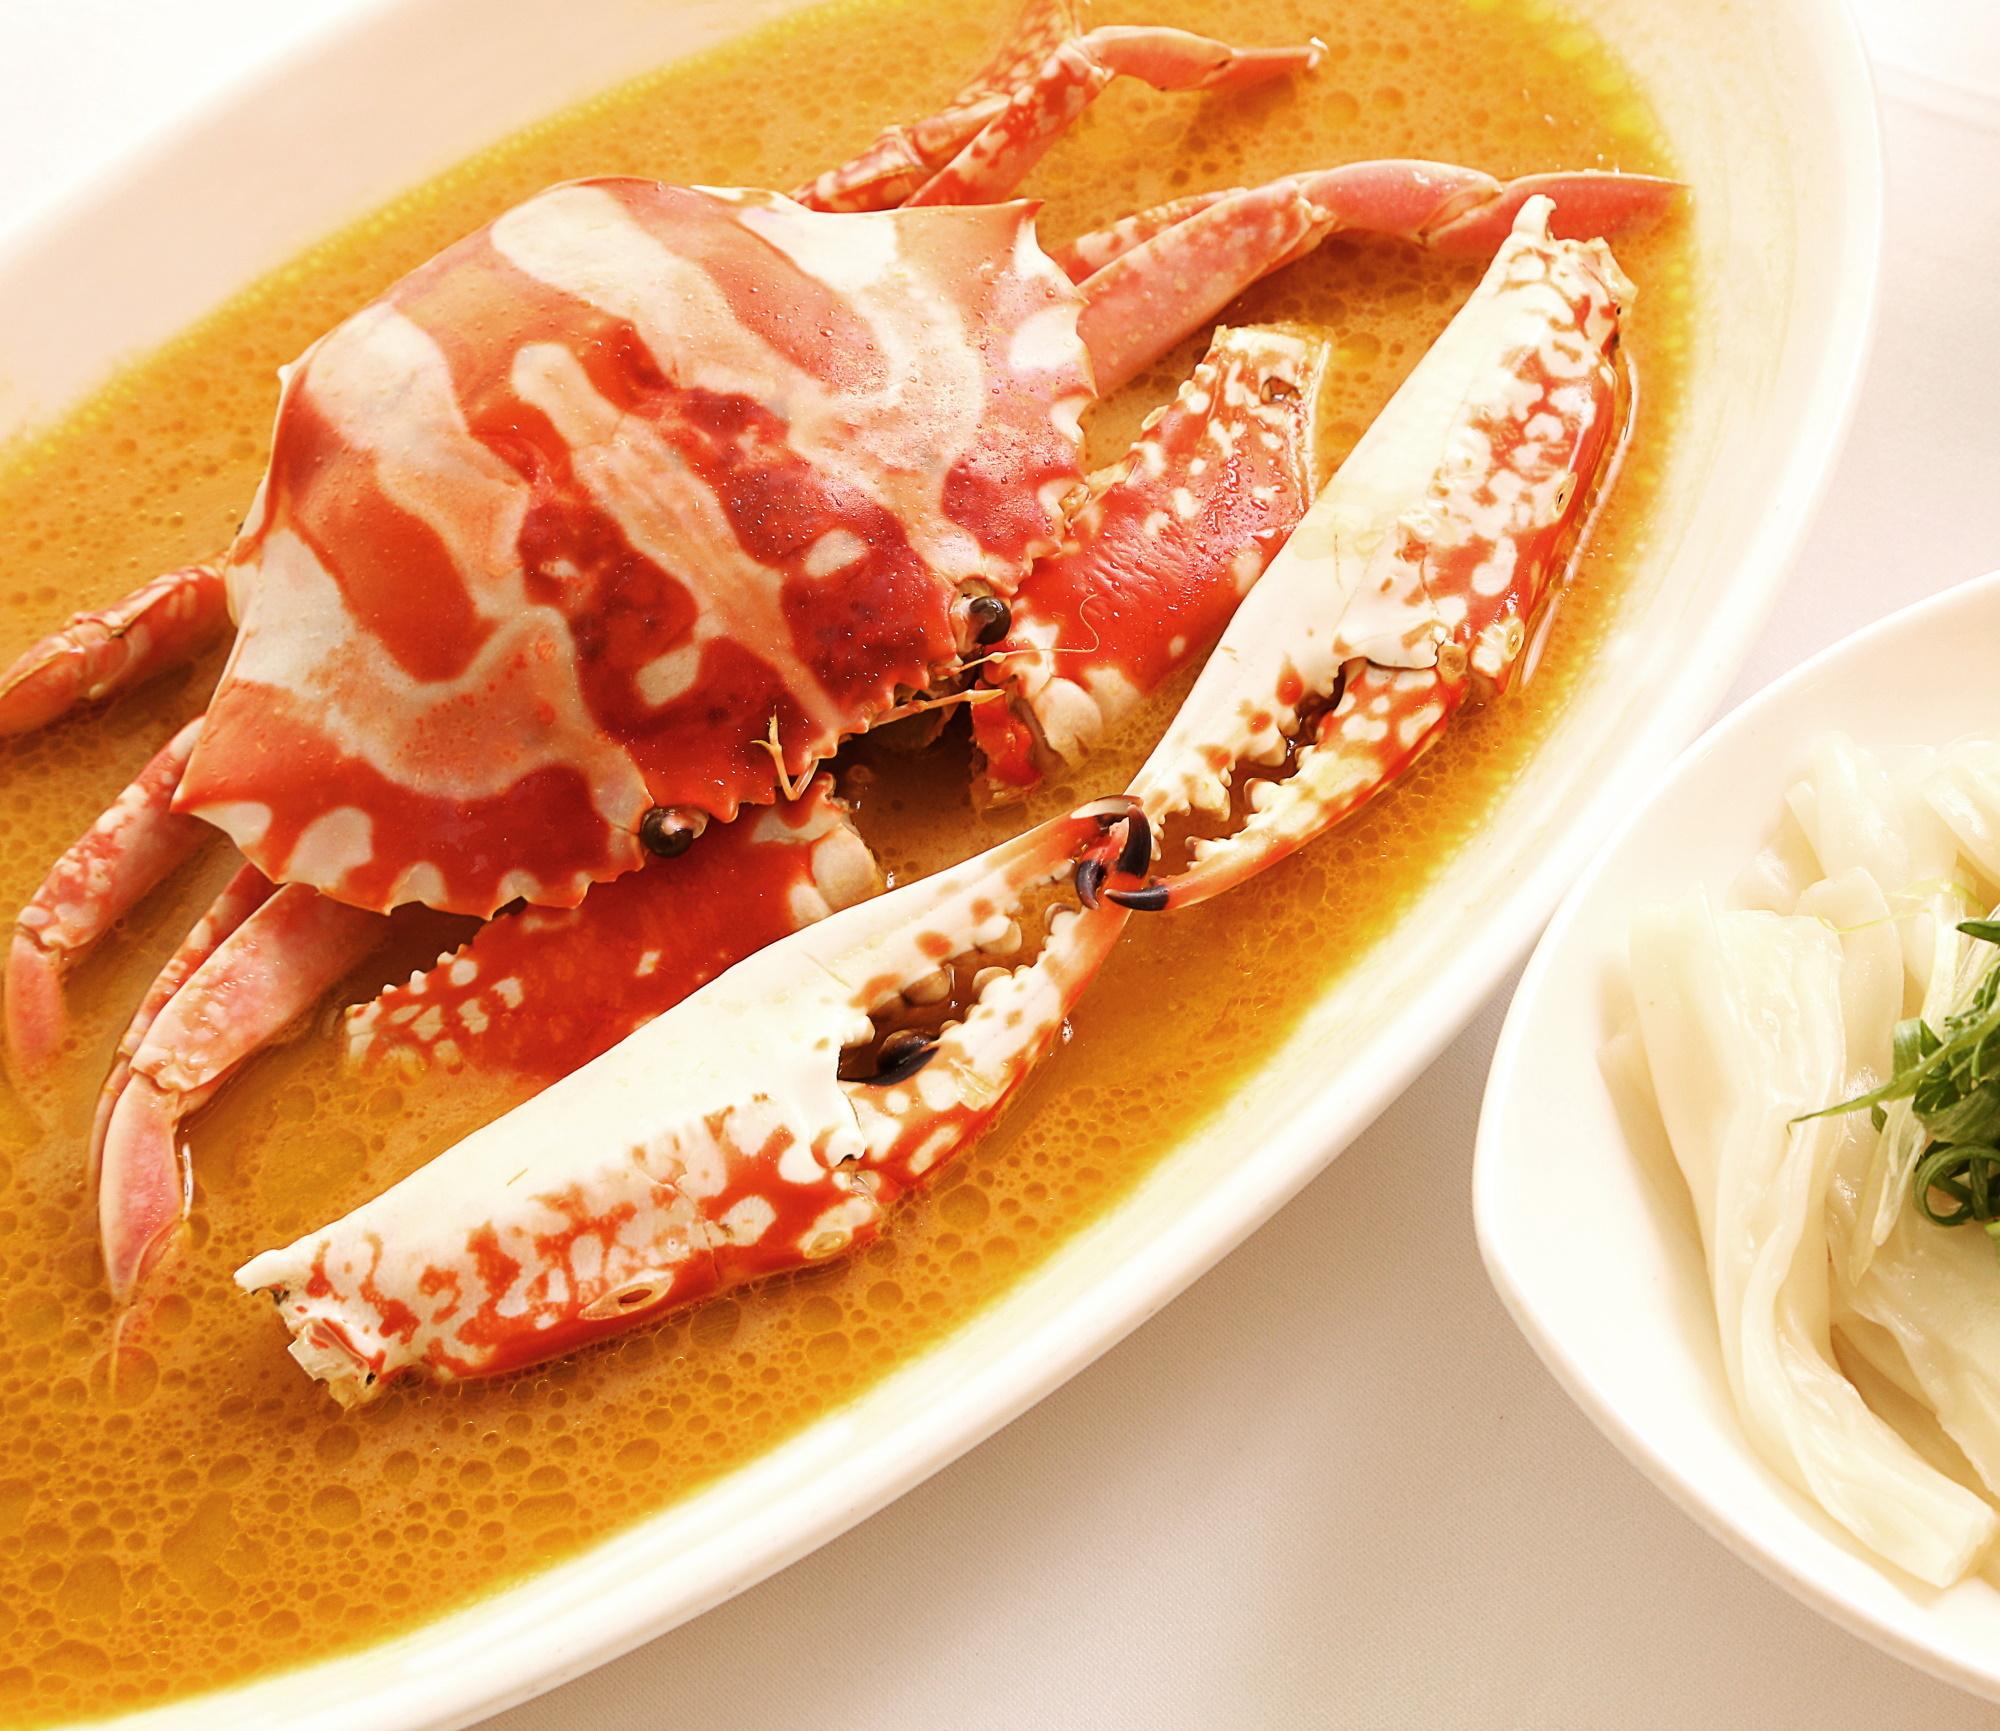 2021年度「世界 50 最佳餐廳」完整名單 香港大班樓名列第10位